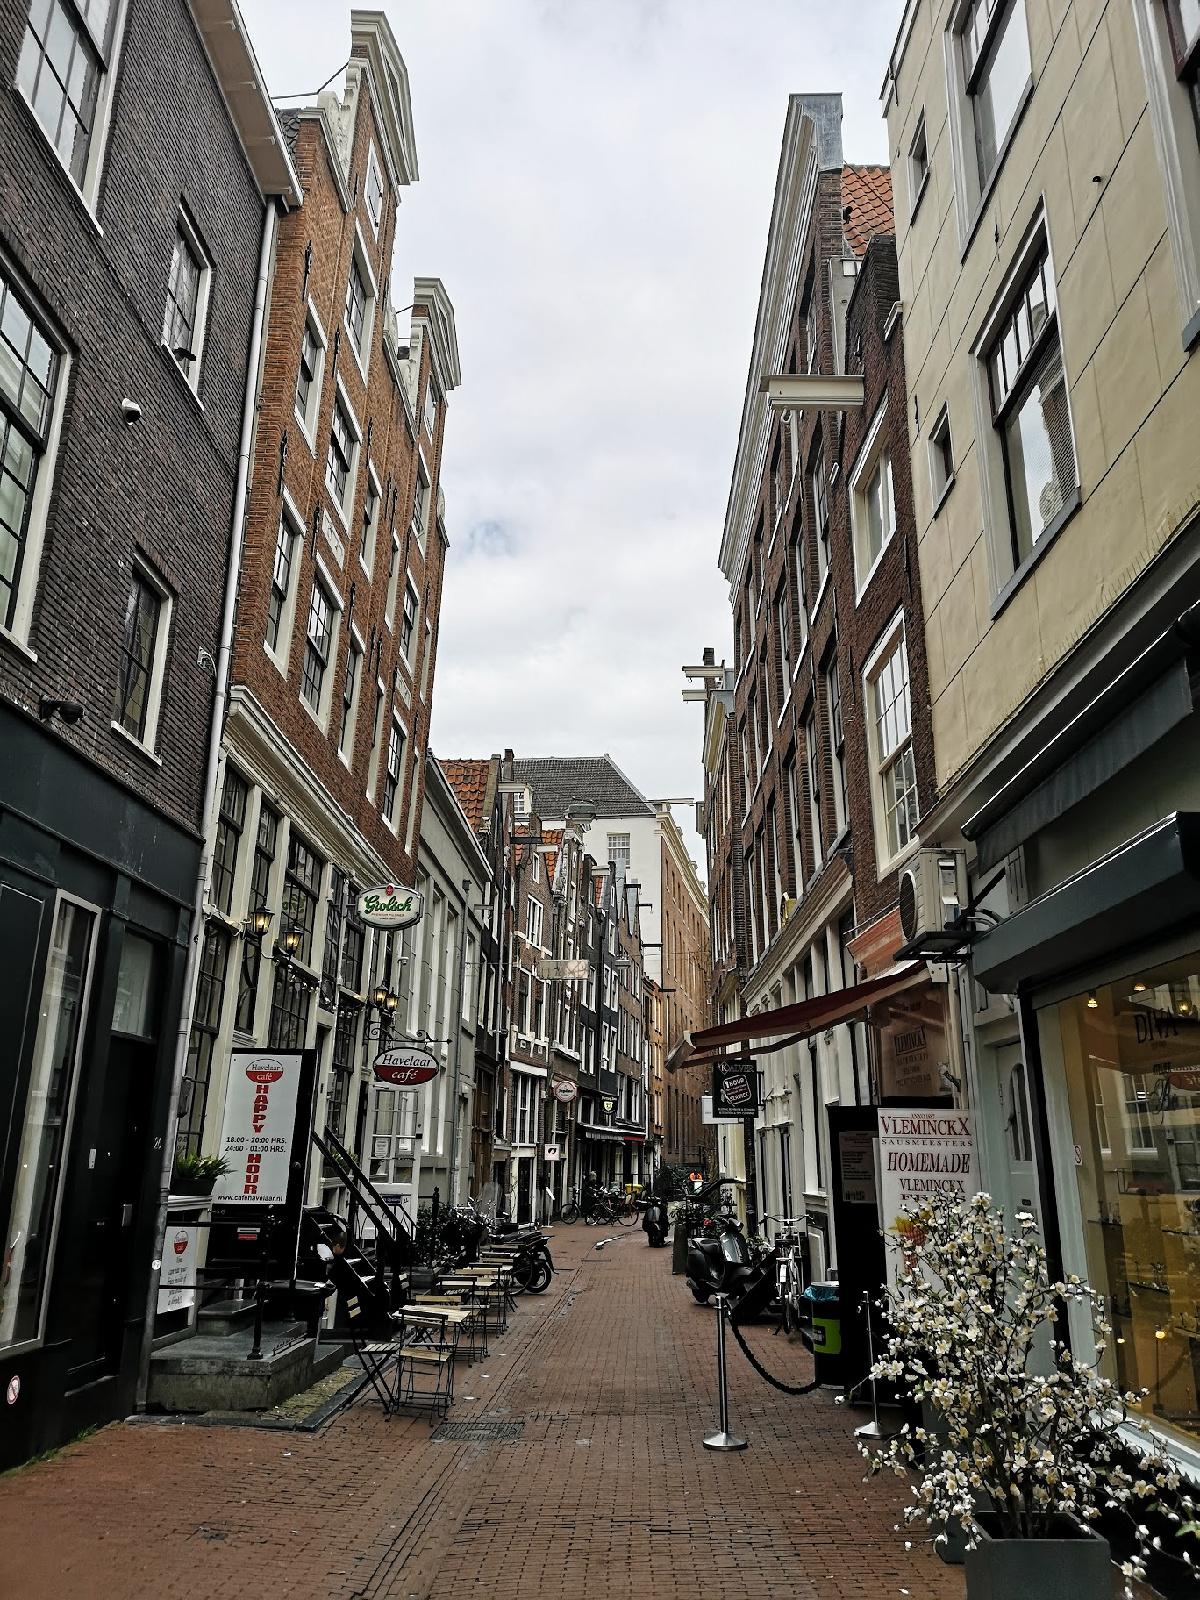 Leeuwarden - En liten by 2 timer fra Amsterdam